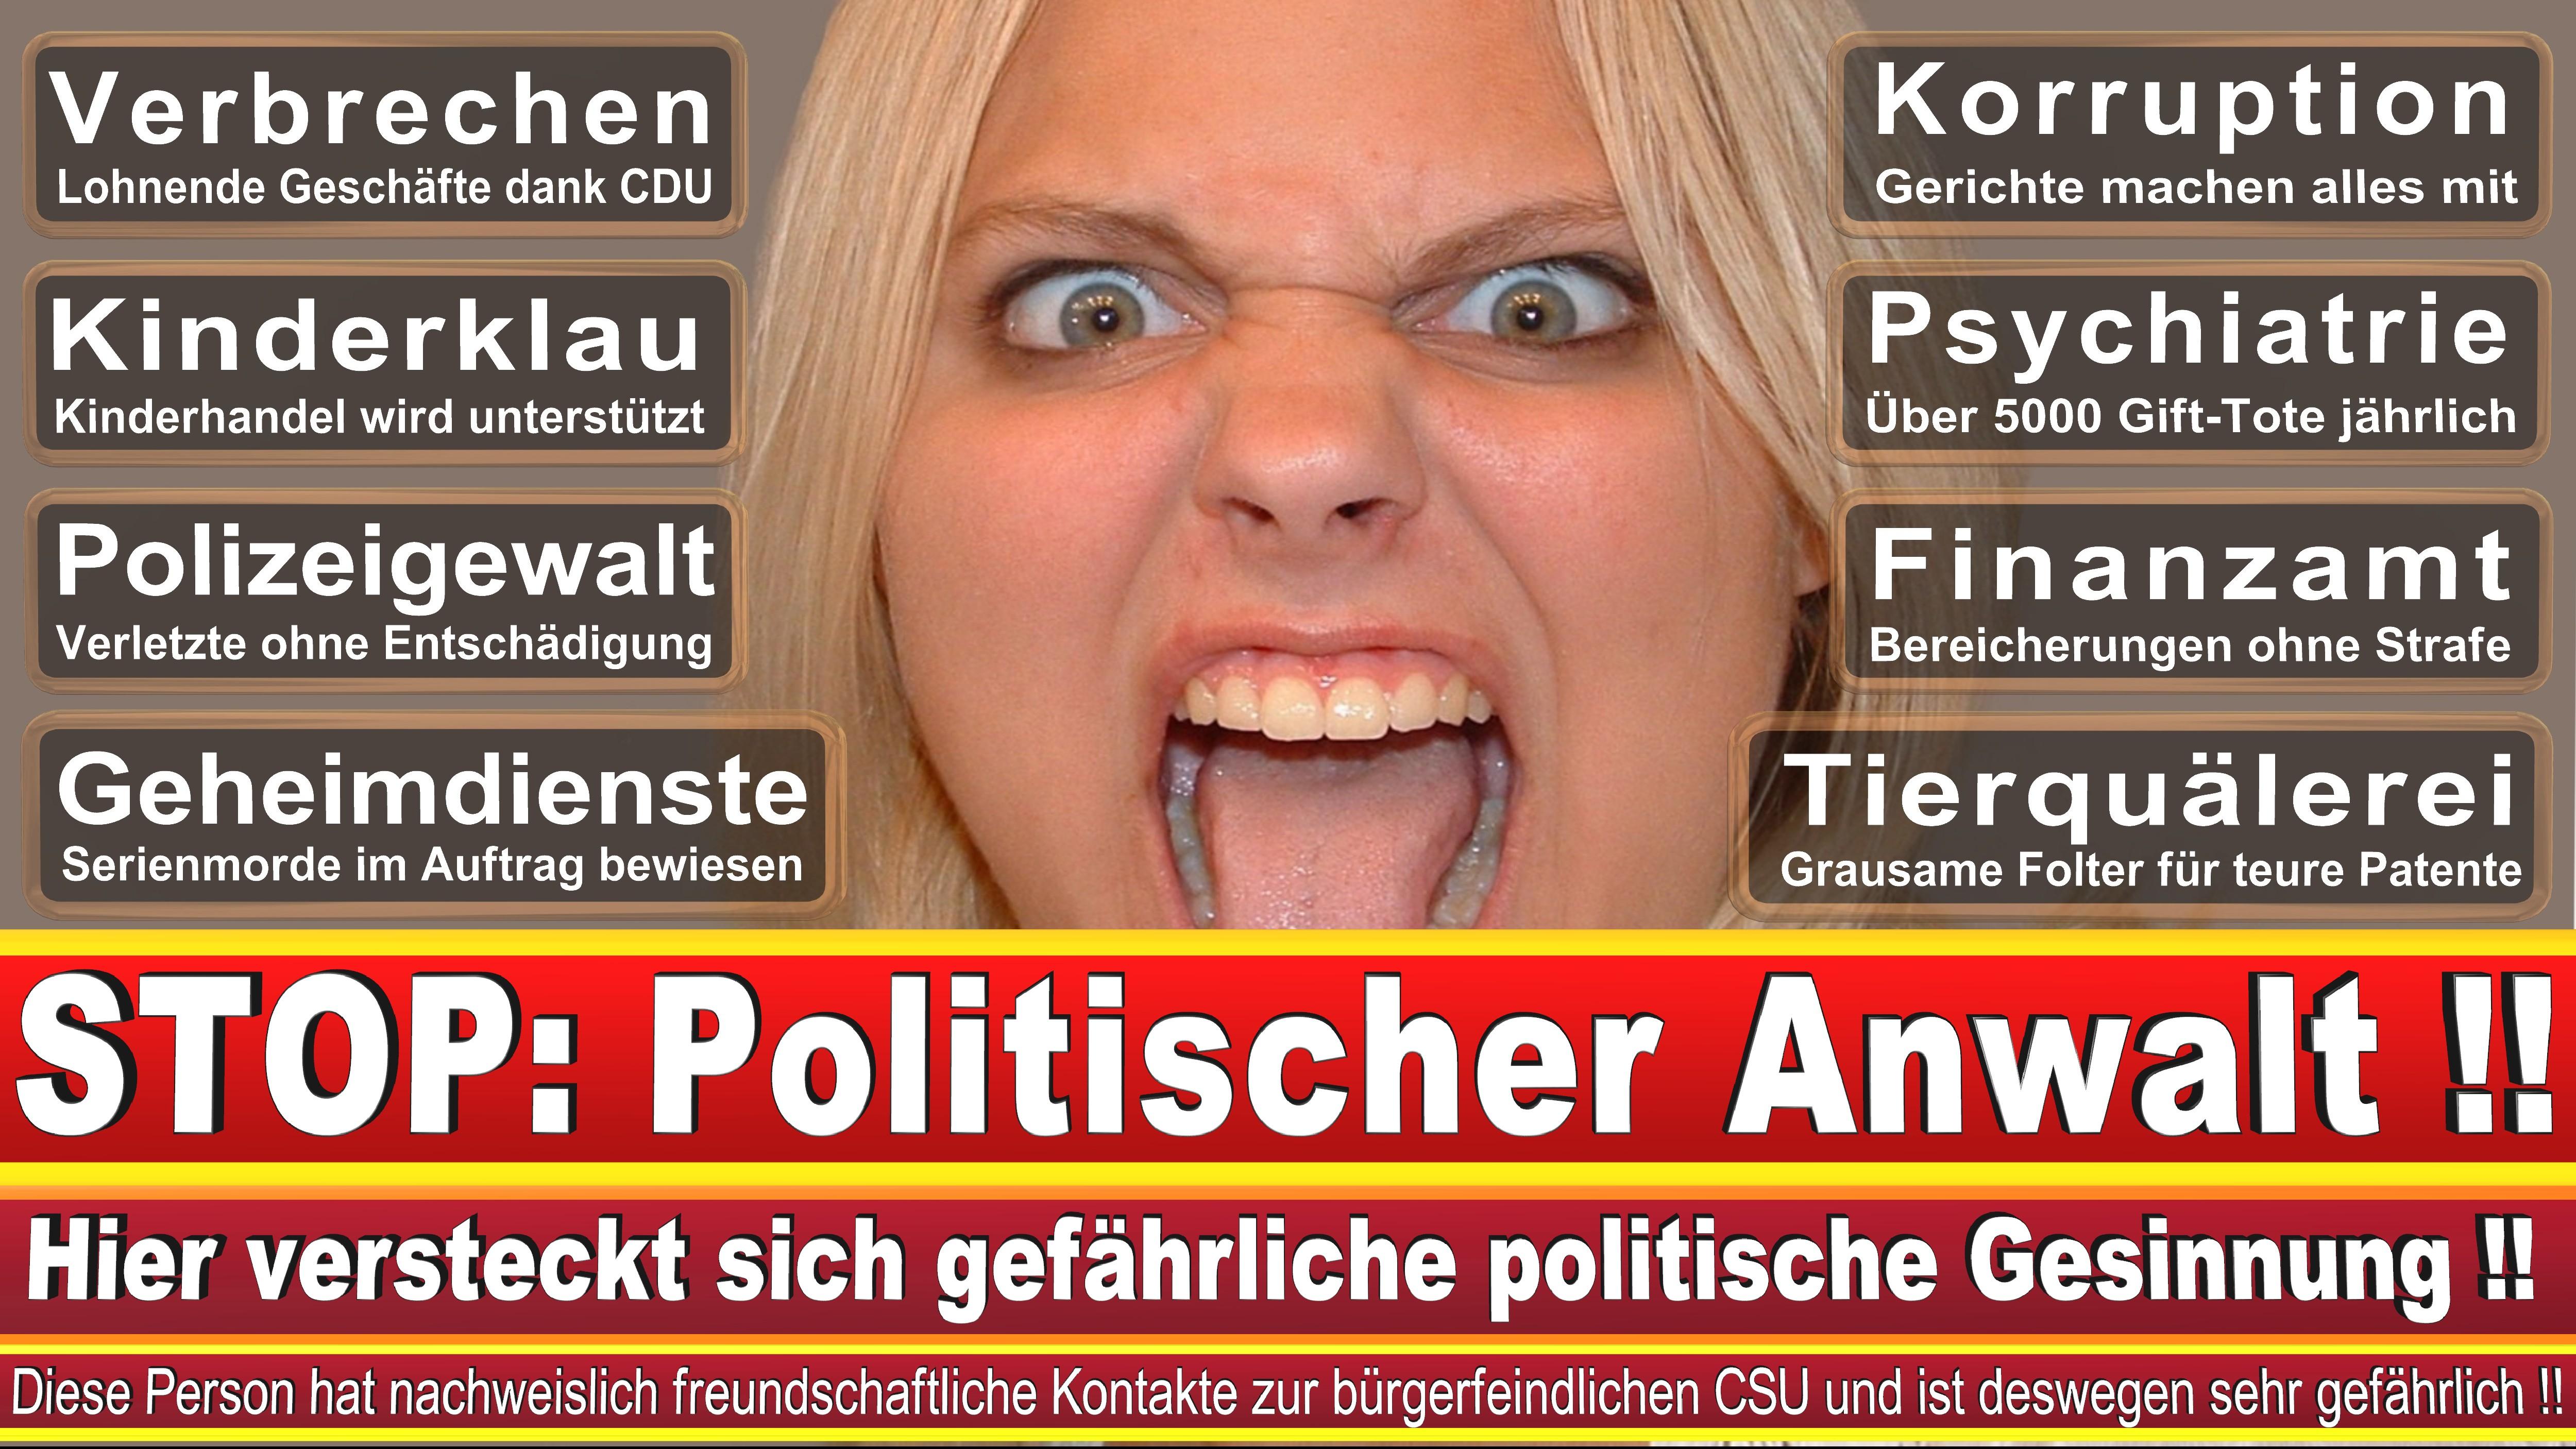 Rechtsanwalt Rechtsanwalt Prof Dr Jens M Schmittmann Essen Betriebswirtschaftslehre Wirtschafts Und Steuerrecht